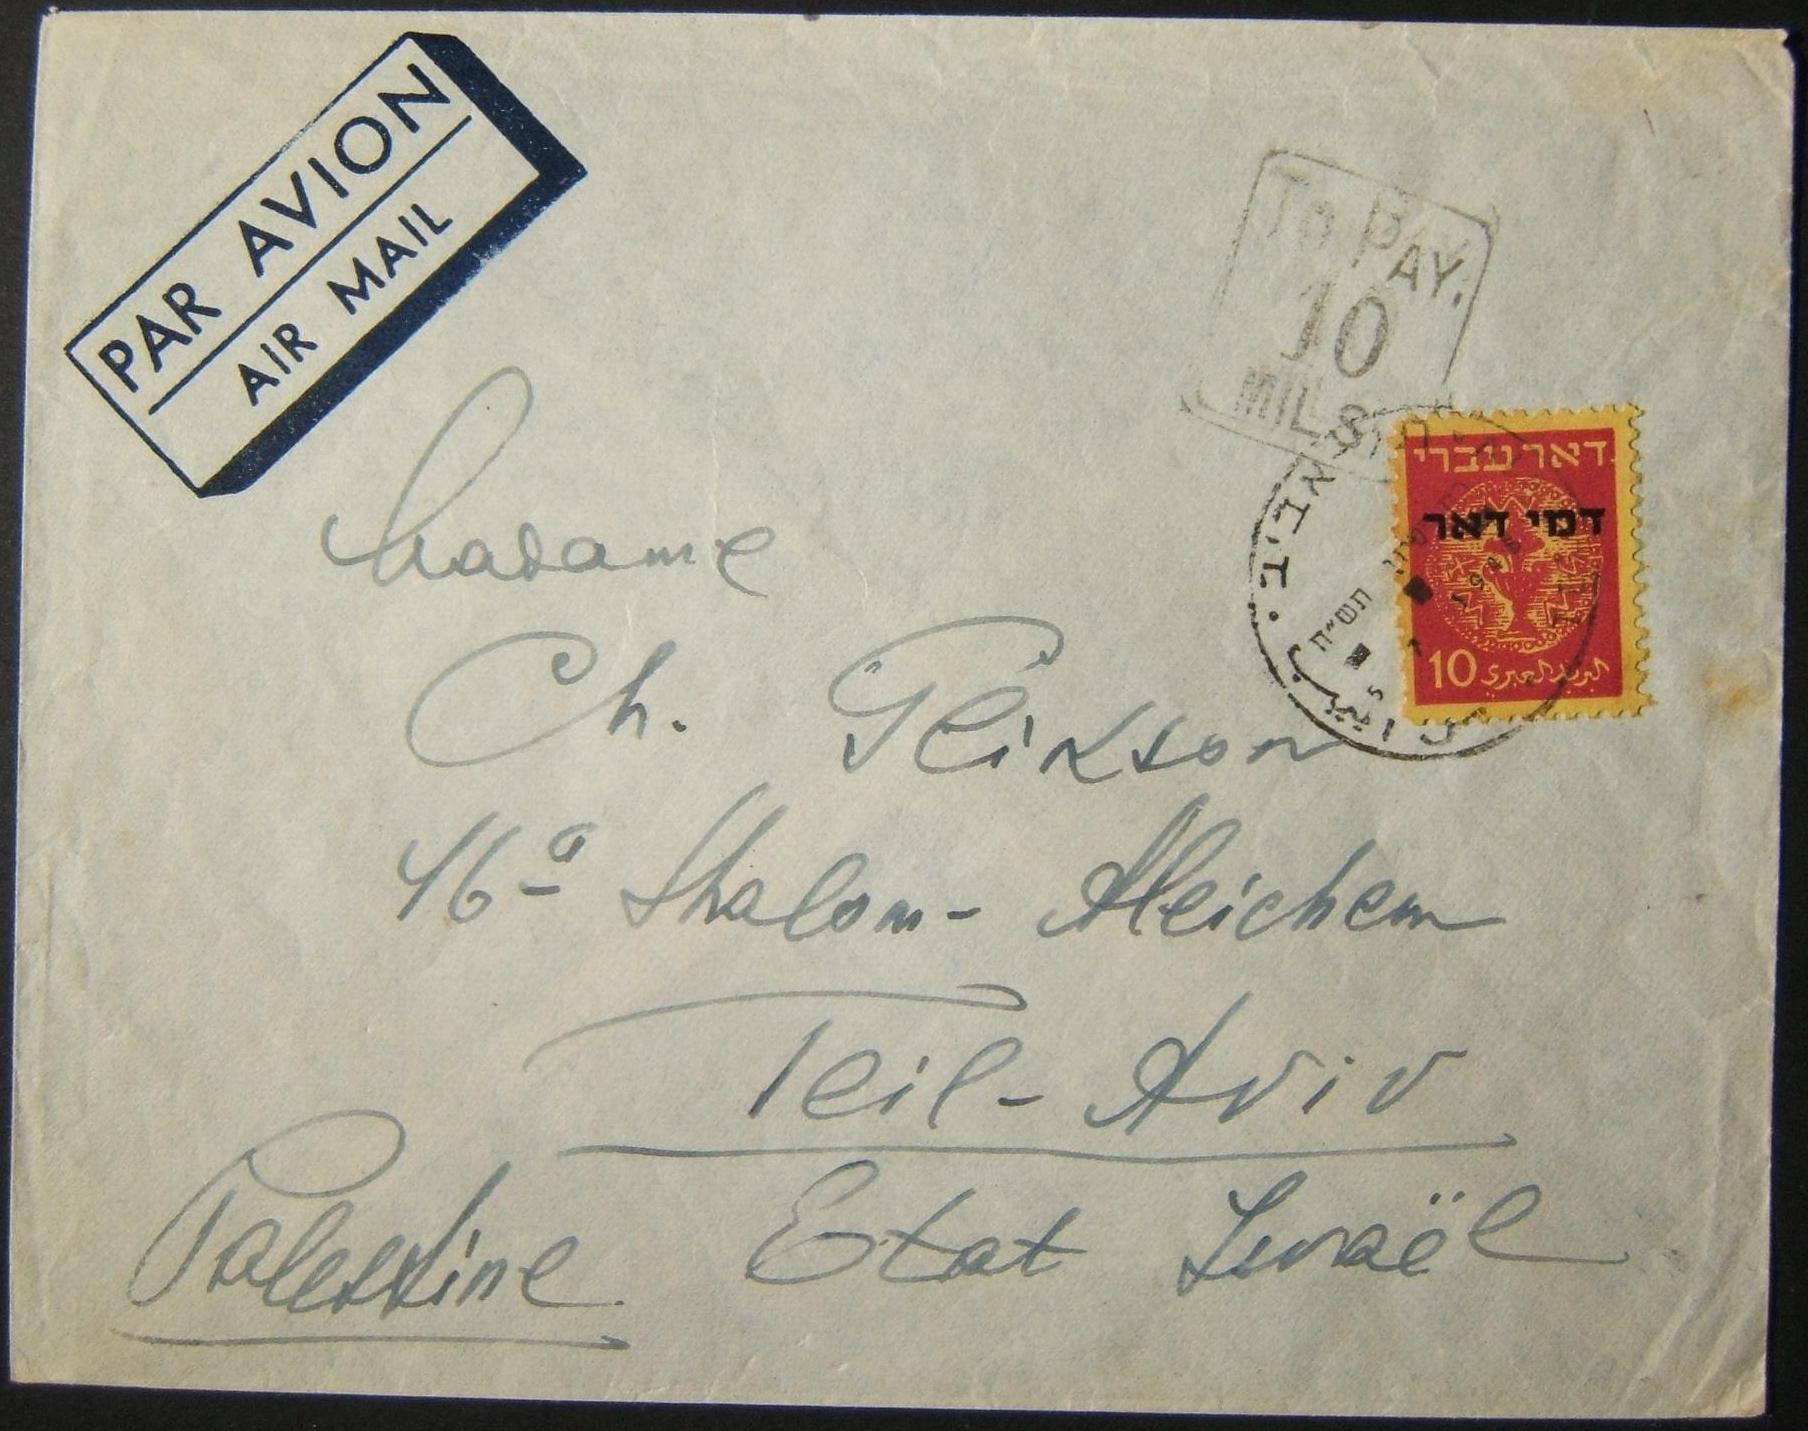 7/1948 بريد إلكتروني تم إرساله من فرنسا إلى تل أبيب ، تم فرض ضريبة عليه على أنه غير مكلف مع الكشيت